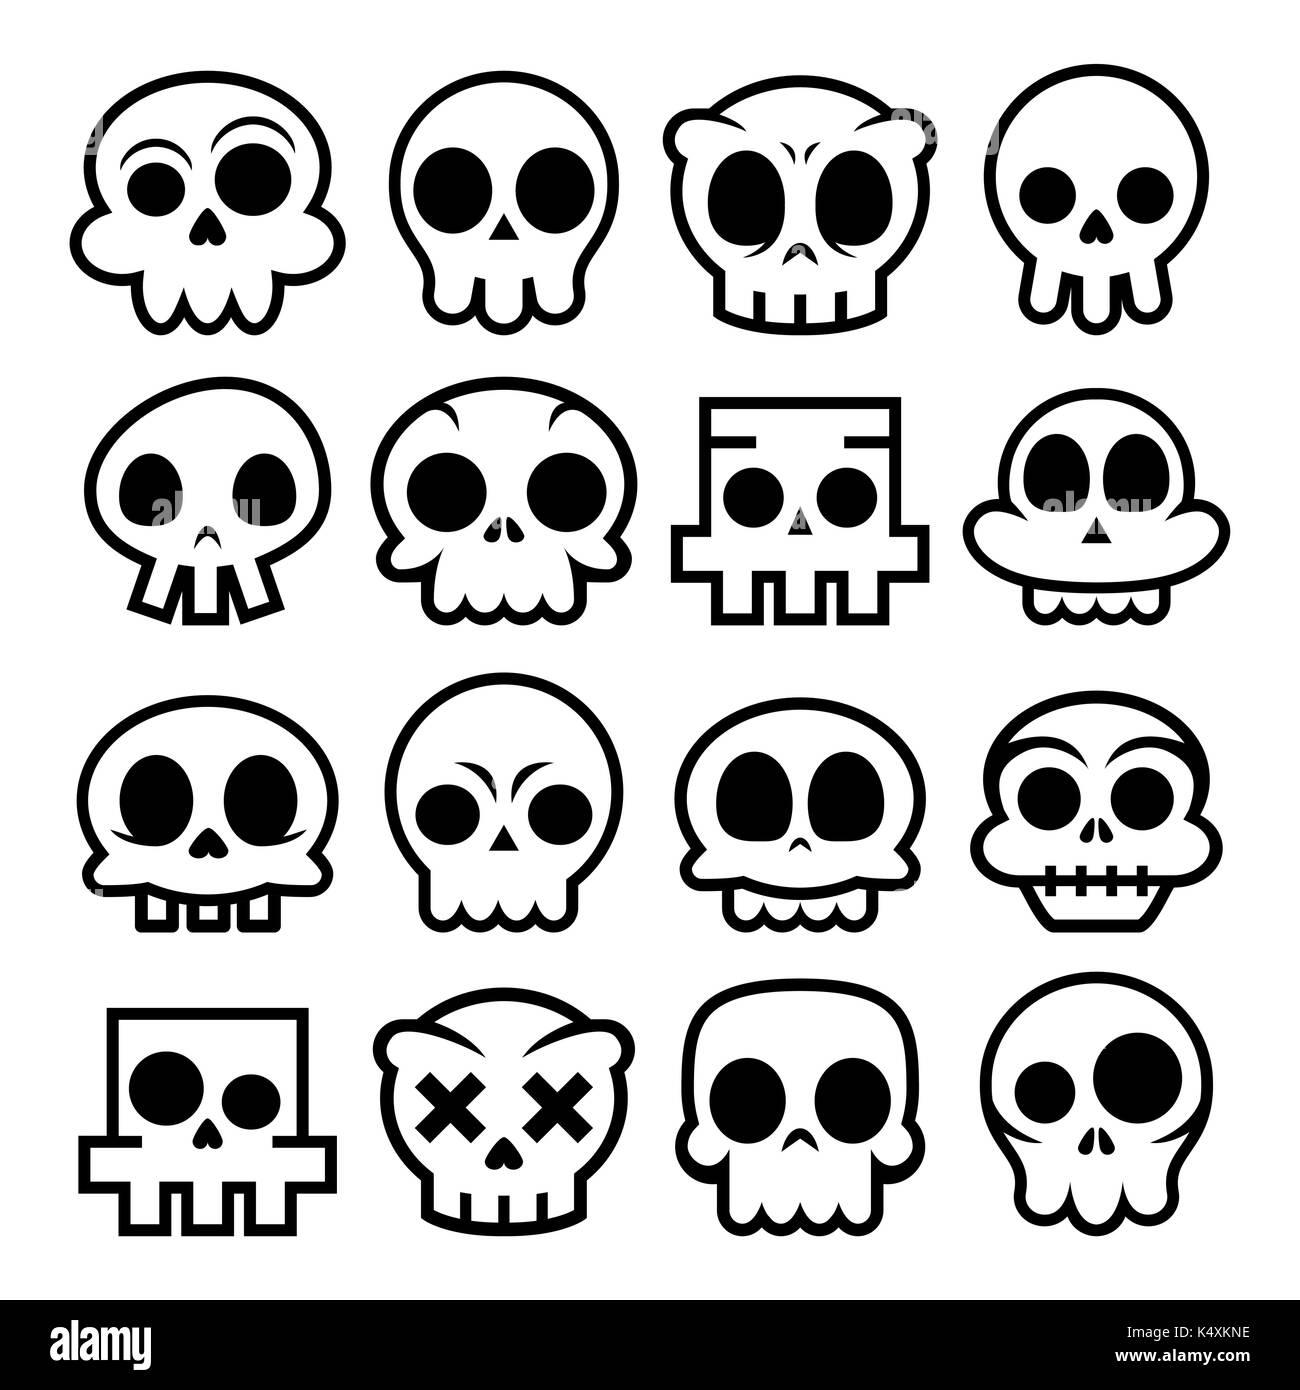 Cartoon Vectores De Halloween Cráneo Iconos Lindo Diseño Mexicano